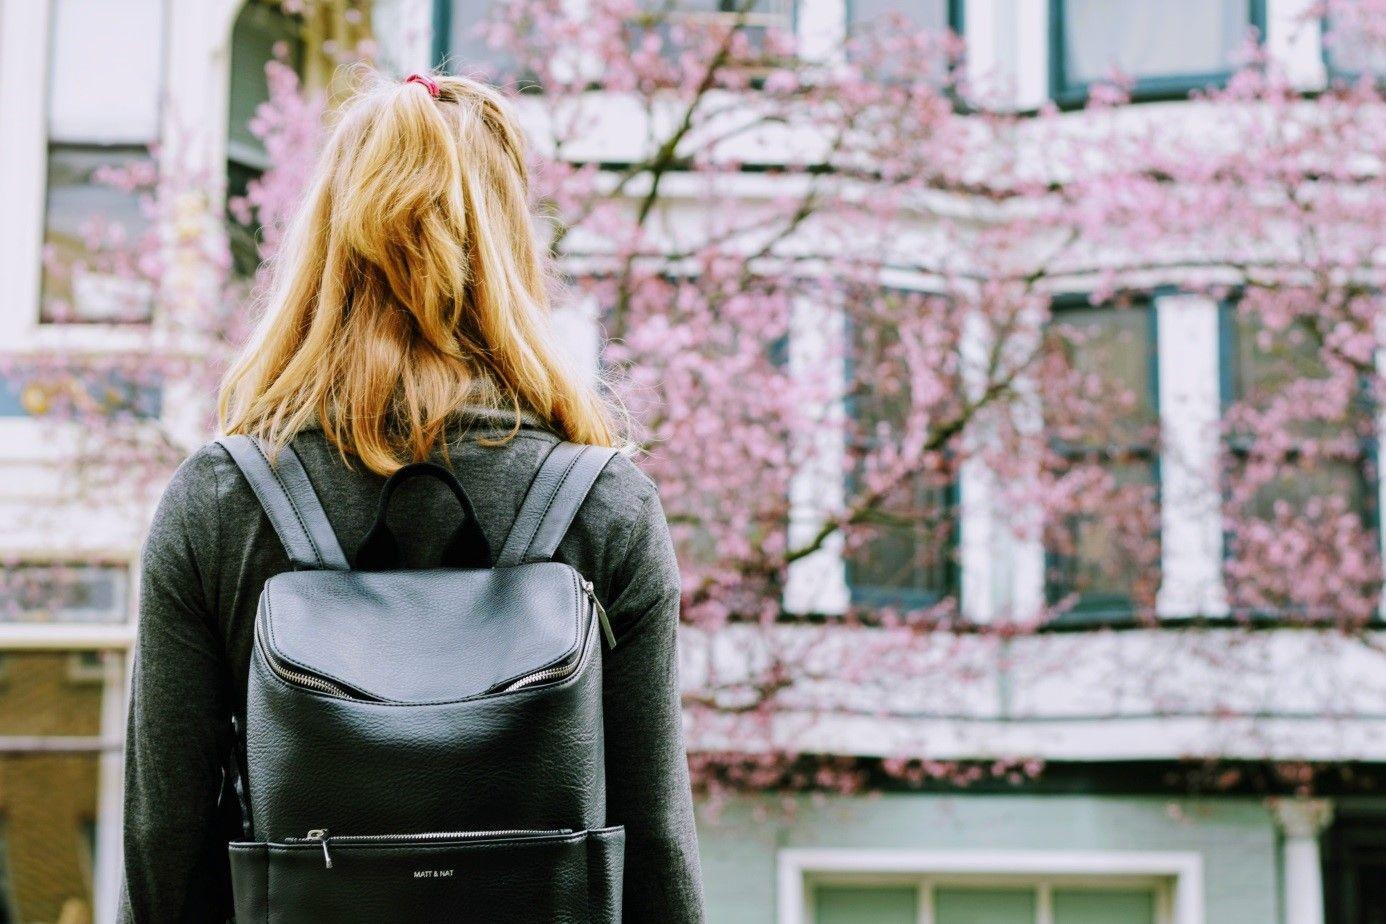 Studencki pokój – jak szukać, żeby znaleźć?